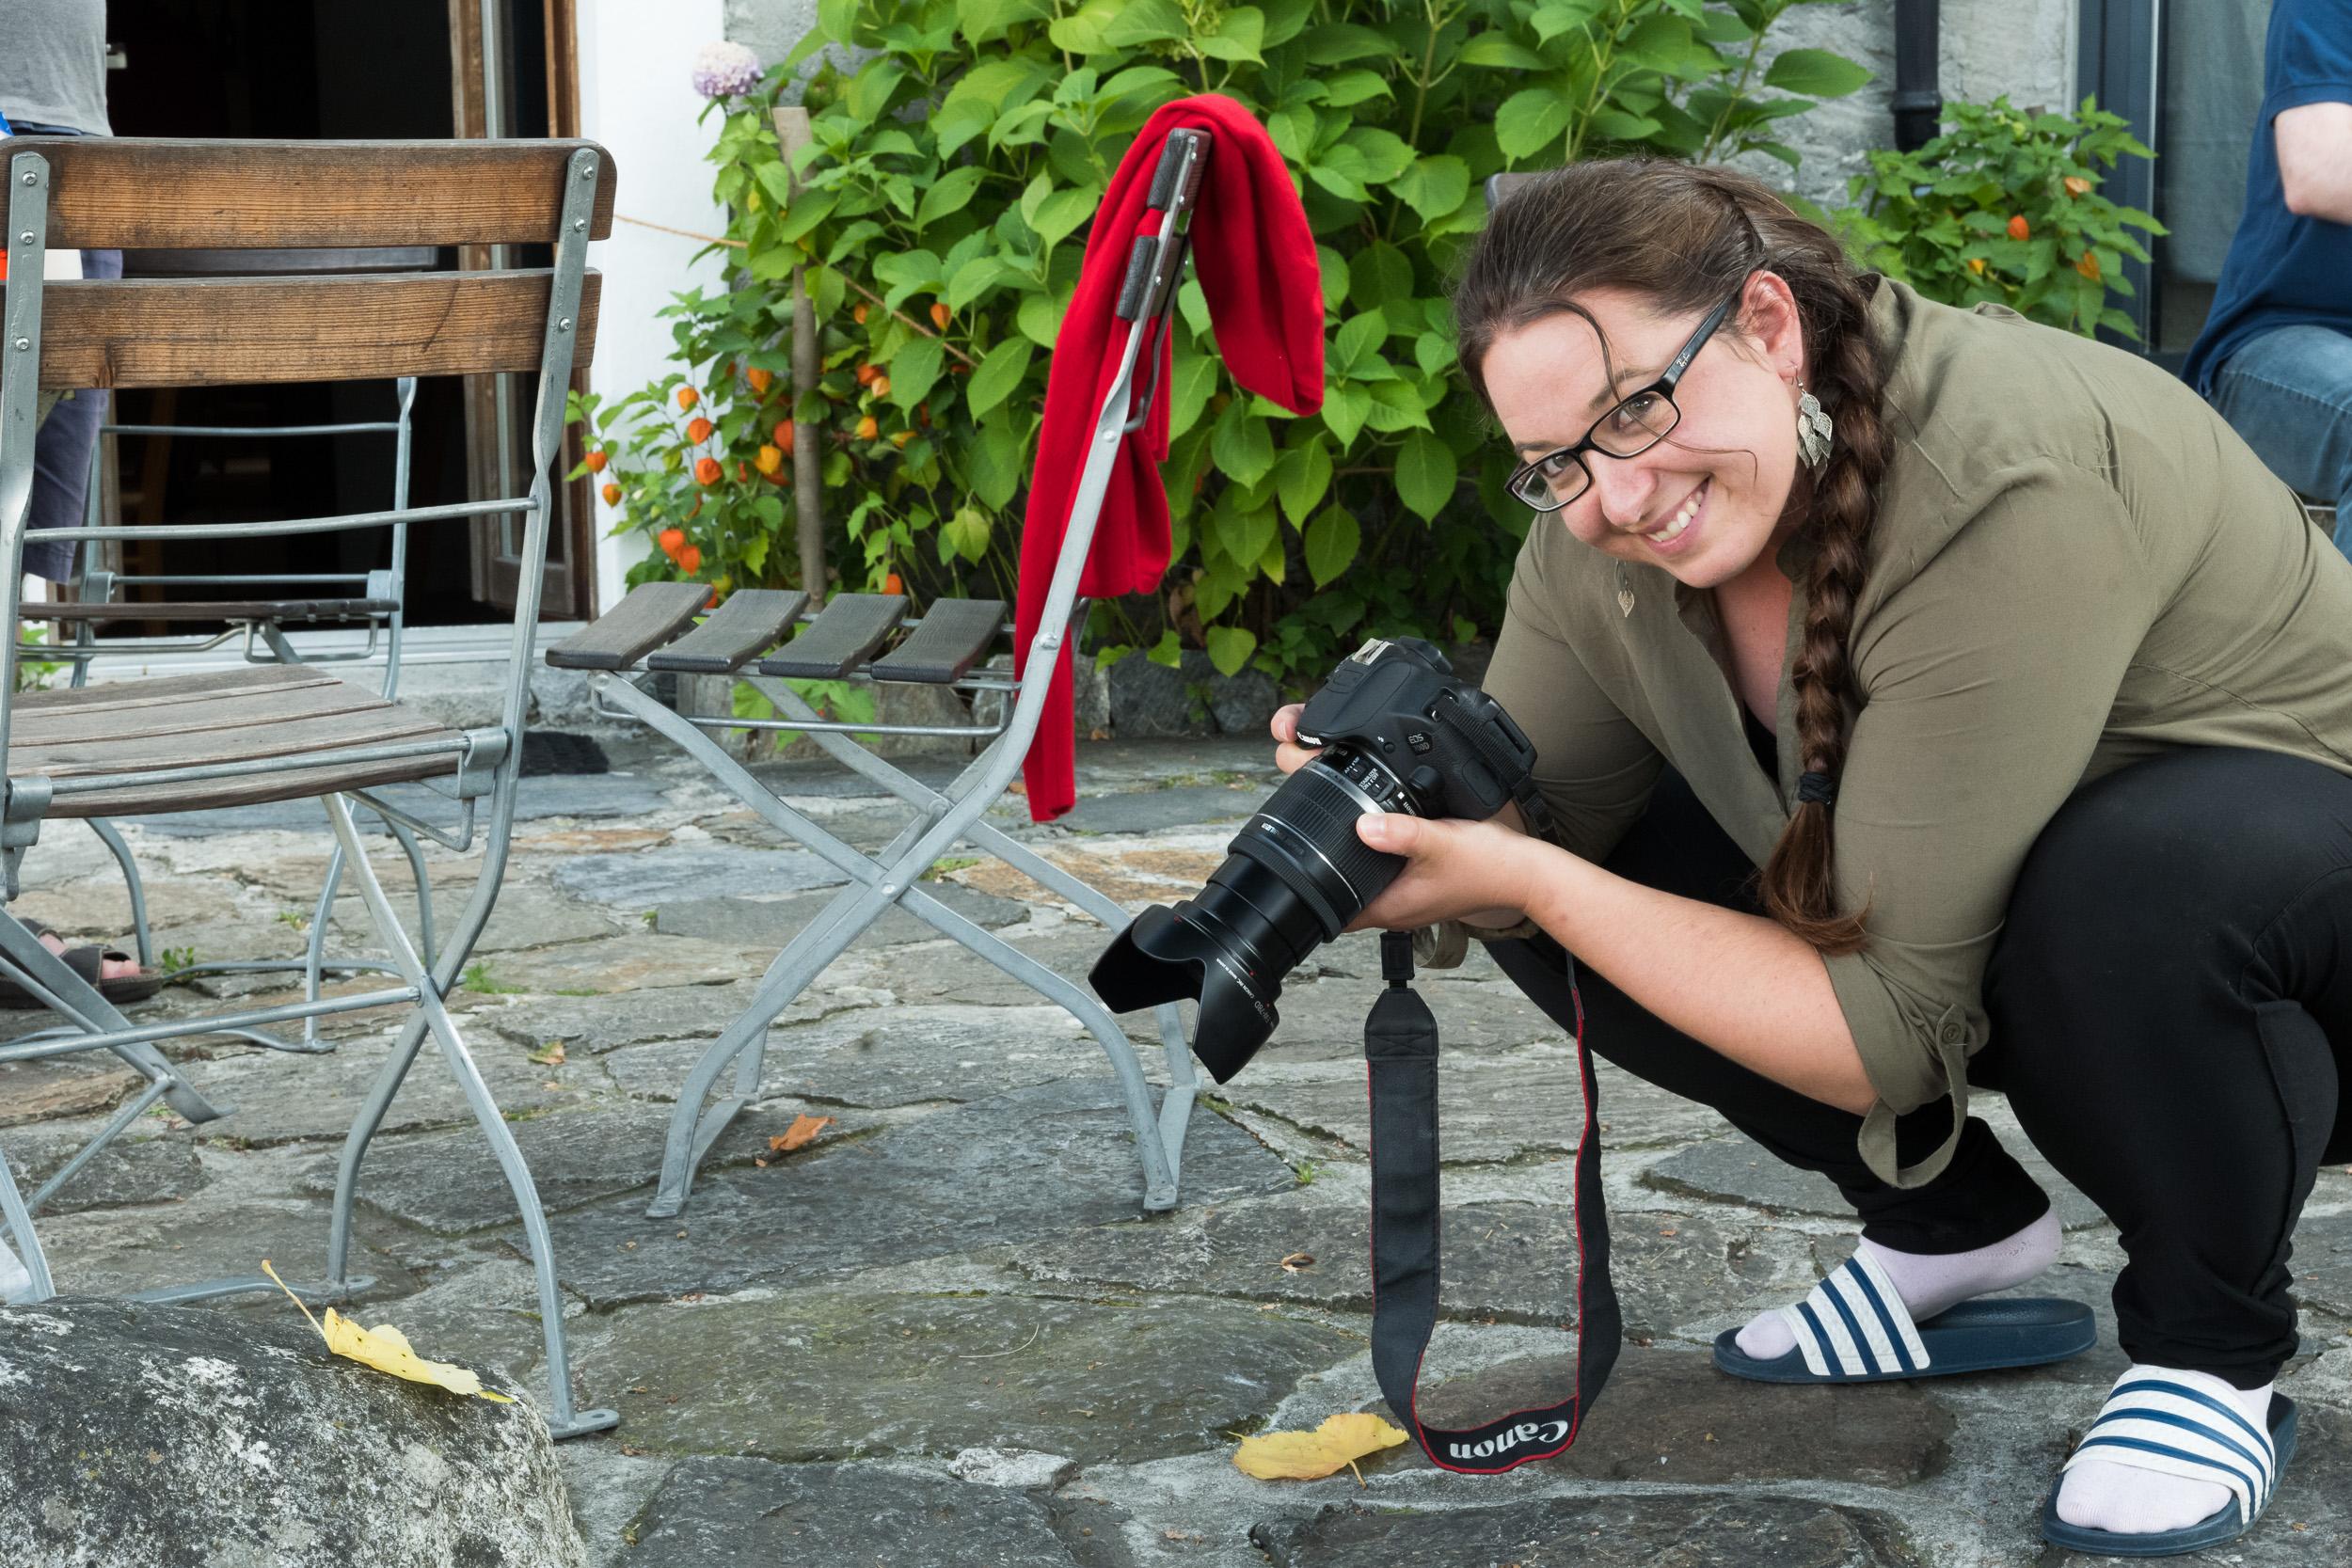 Wenn Du Spass am Fotografieren hast und lernen möchtest, wie Deine Kamera funktioniert, dann ist der Einsteigerkurs «Die Einfachheit des bewussten Fotografierens» das Richtige für Dich.